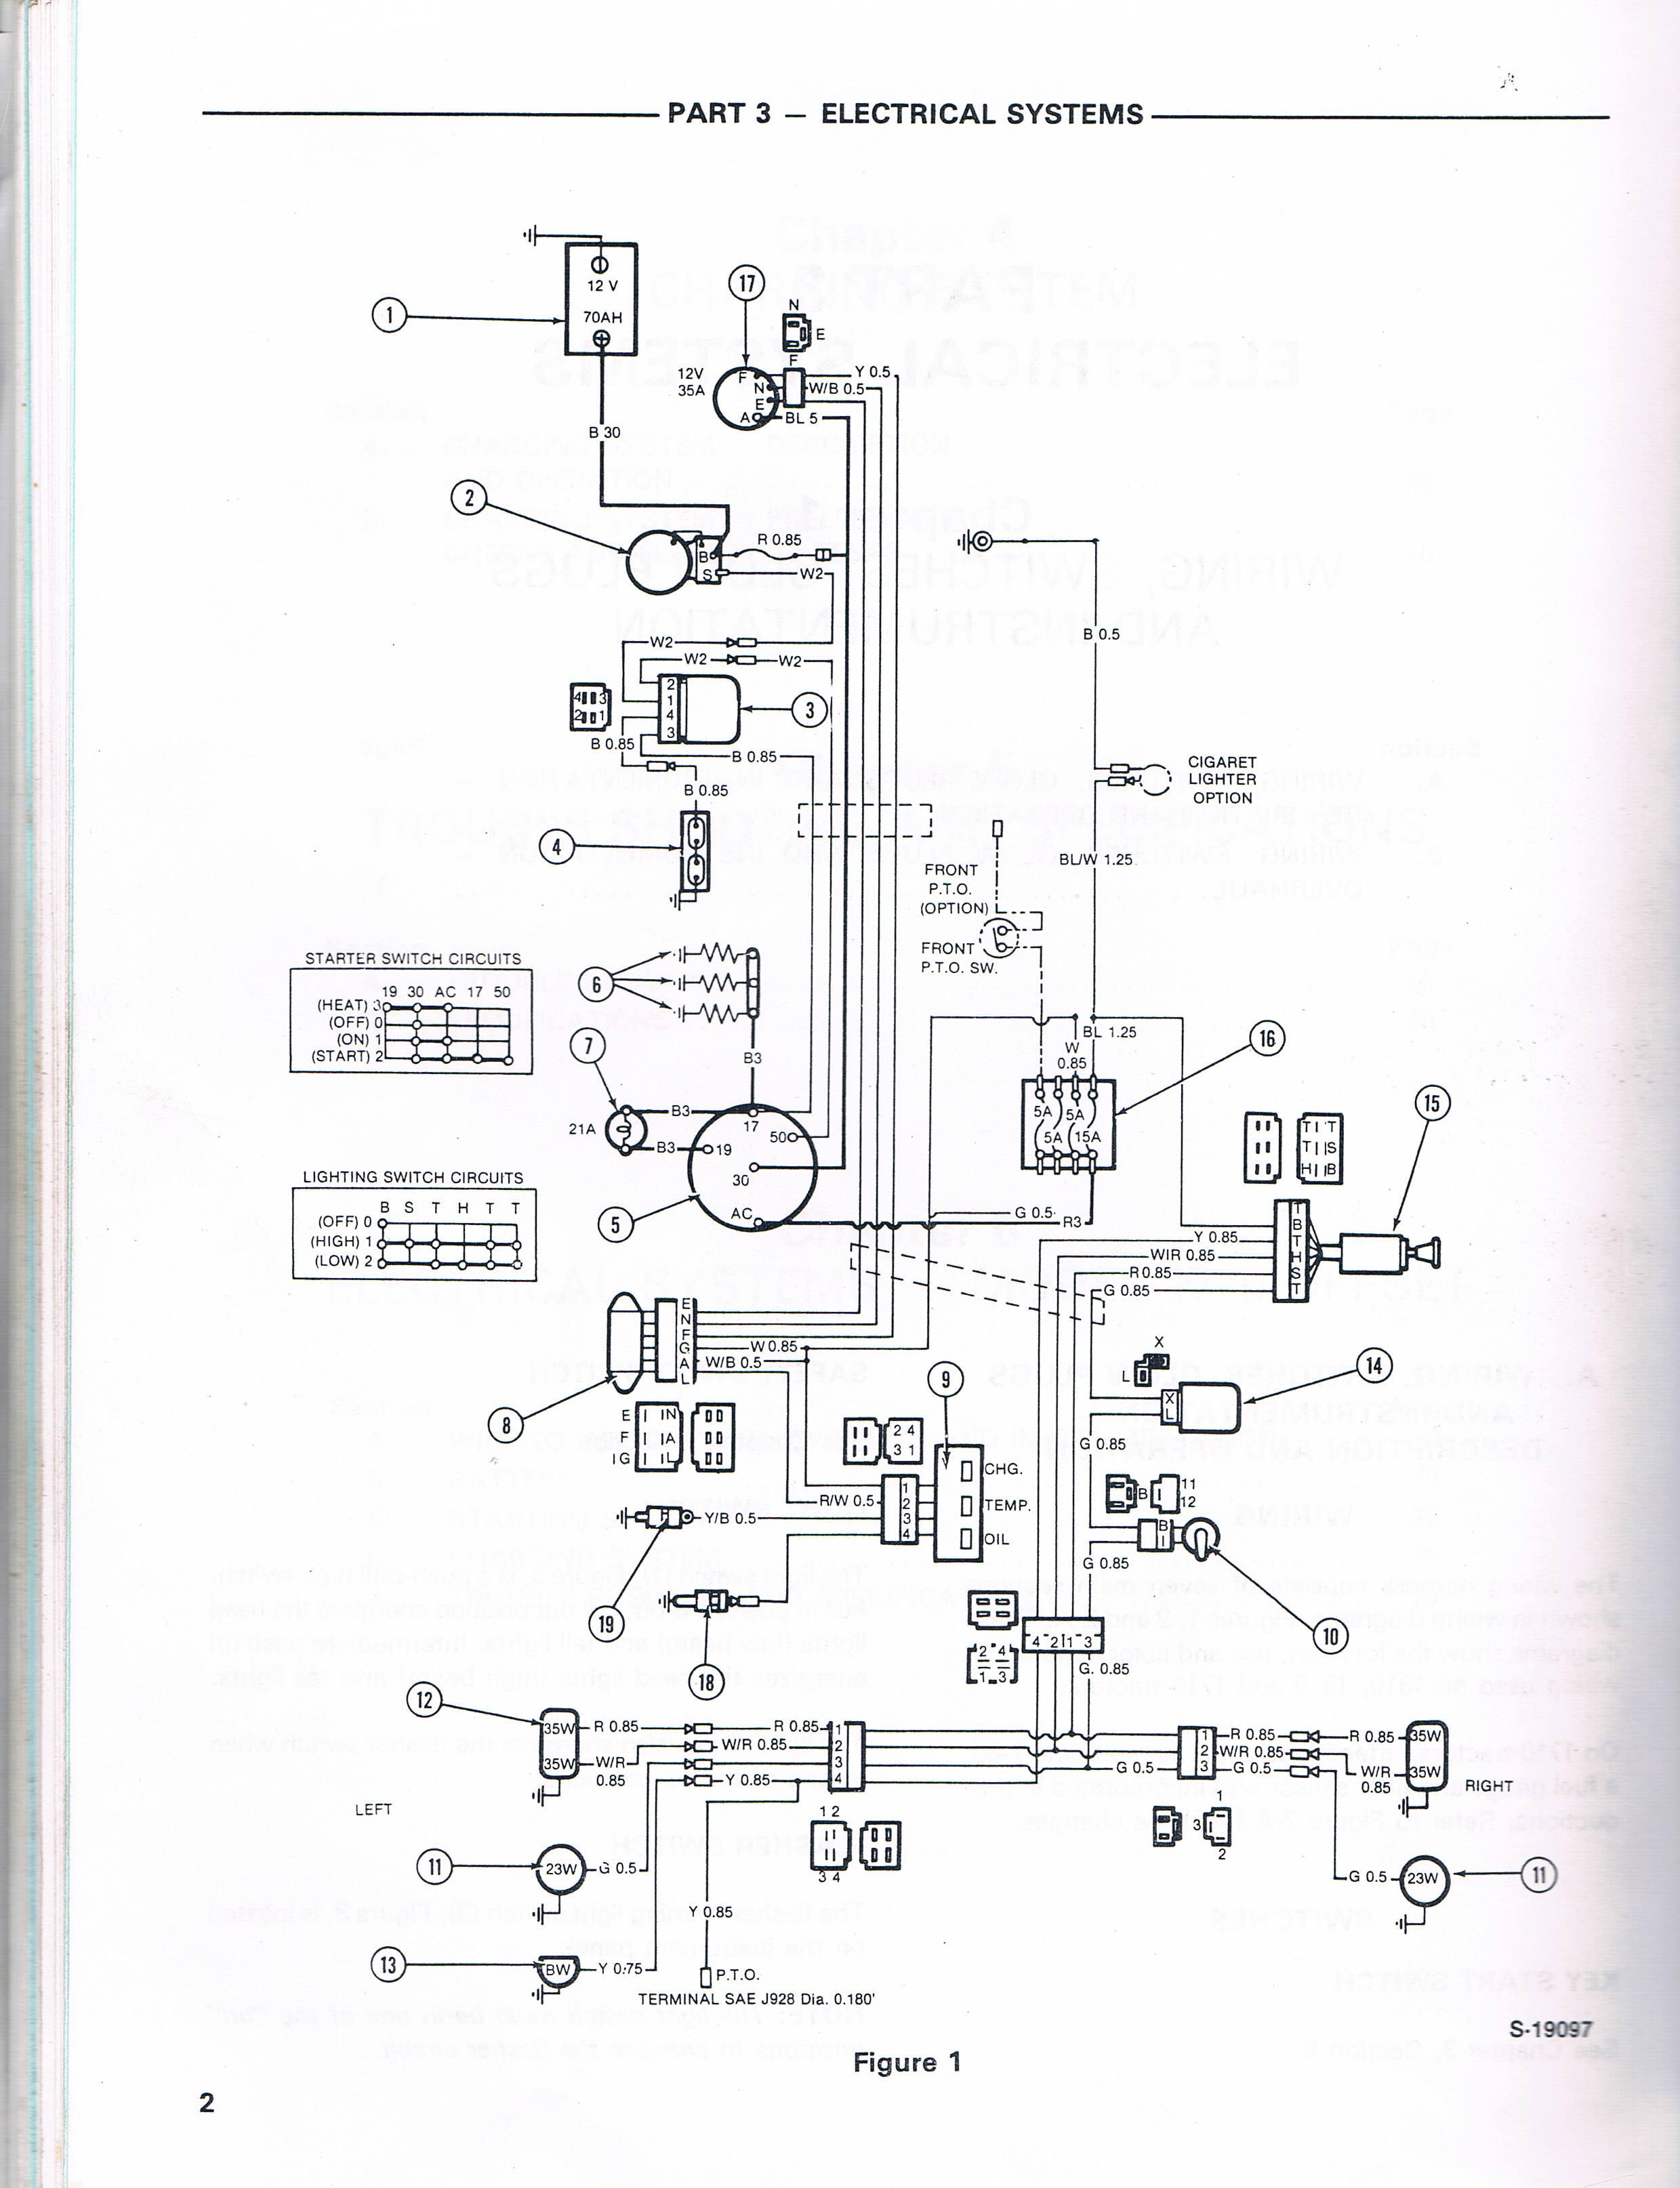 Ar 7996  New Holland Alternator Wiring Diagram Schematic Wiring